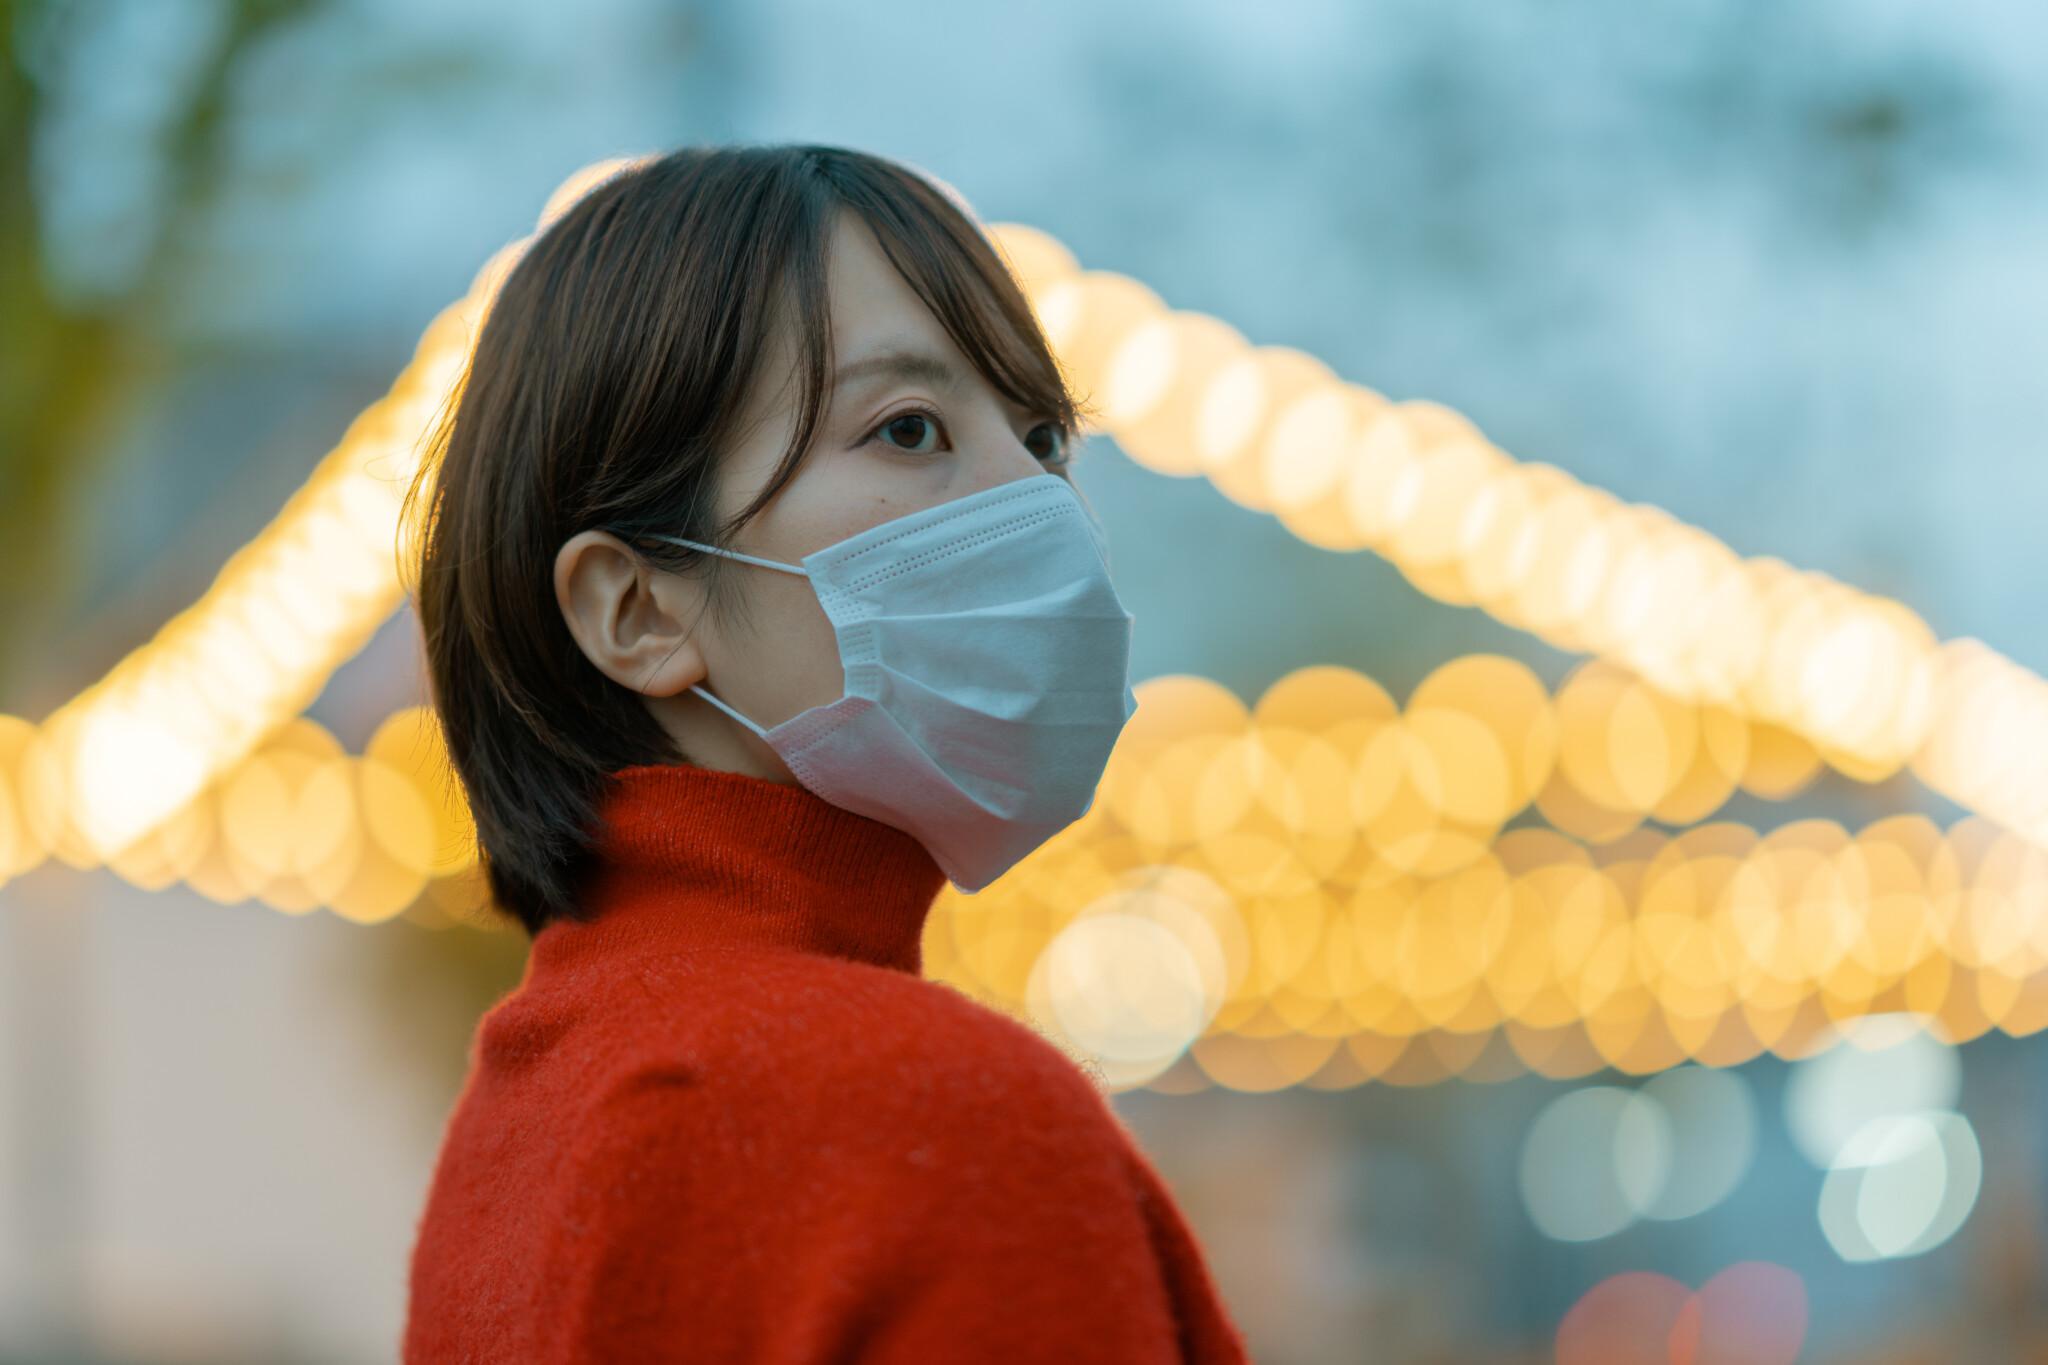 特徴 マスク 美人 ブスが美人に見えてしまう「マスク効果」が発生する理由